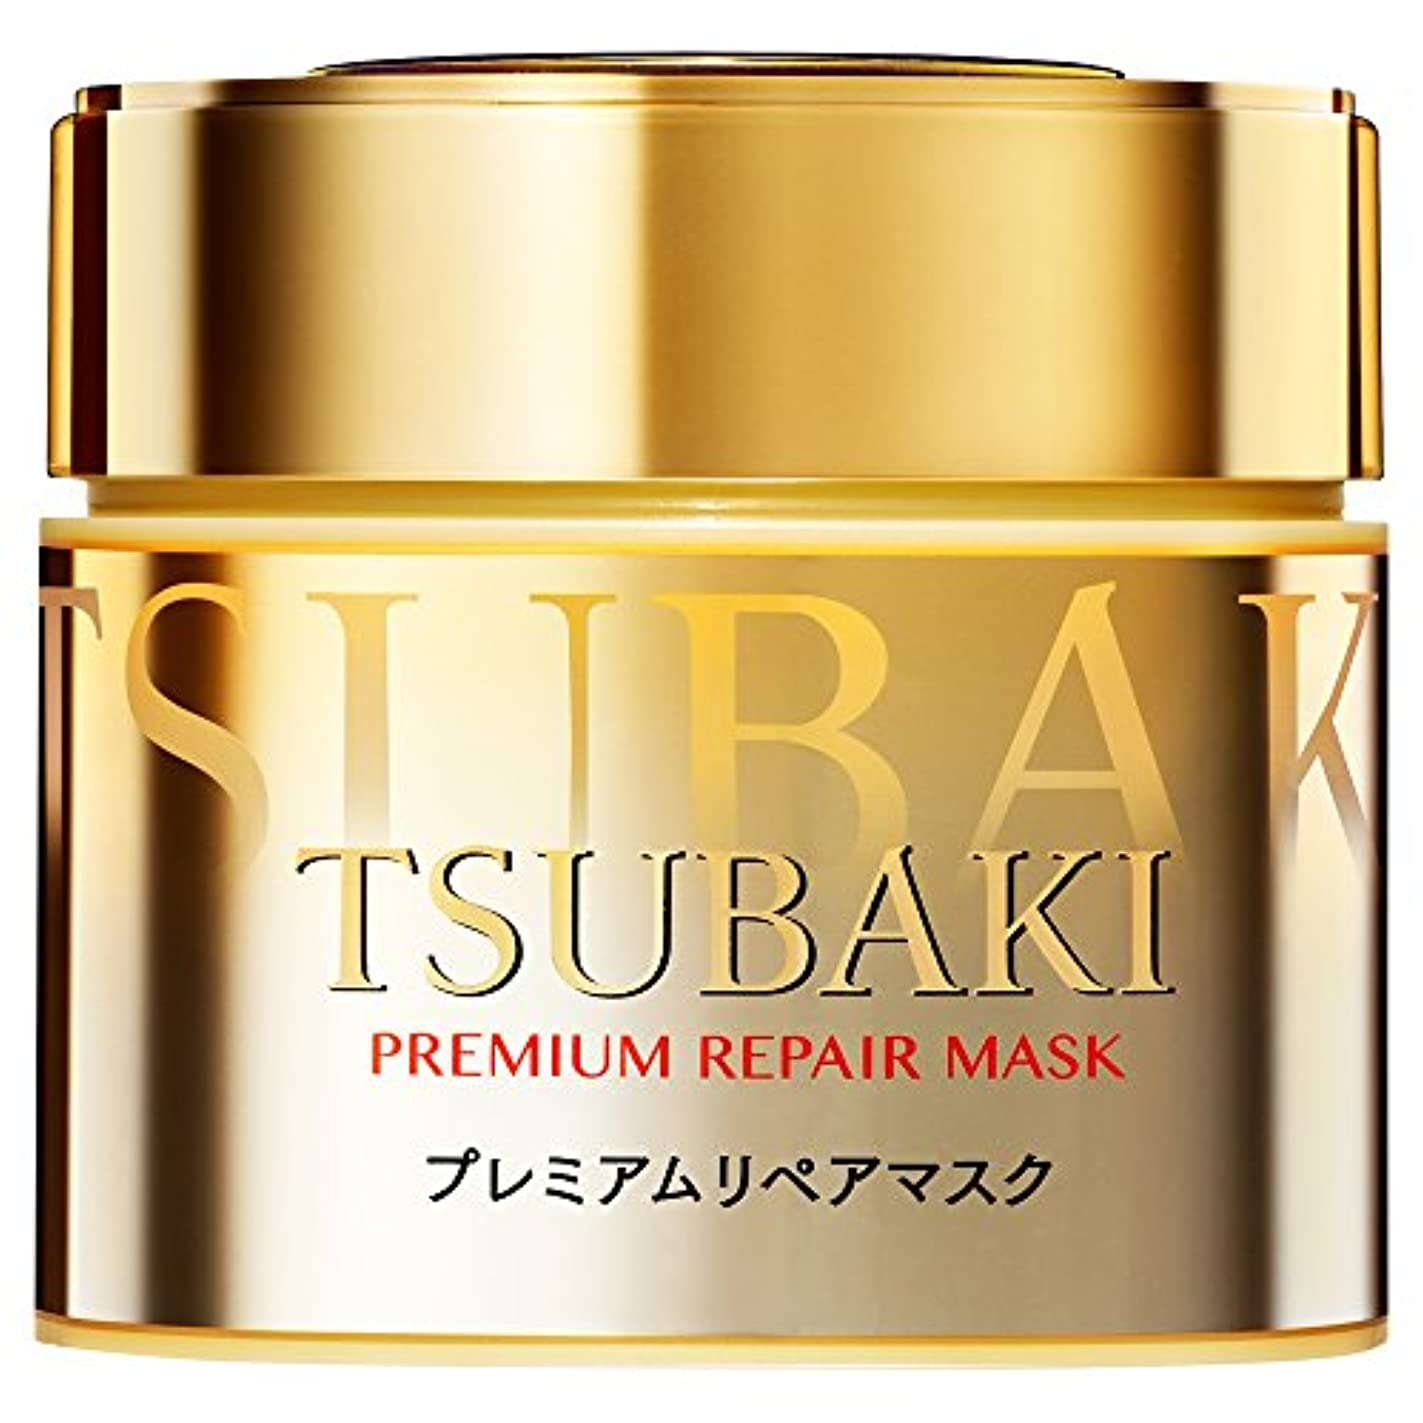 アンビエント危険にさらされている特別にTSUBAKI(ツバキ) TSUBAKI プレミアムリペアマスク 180g